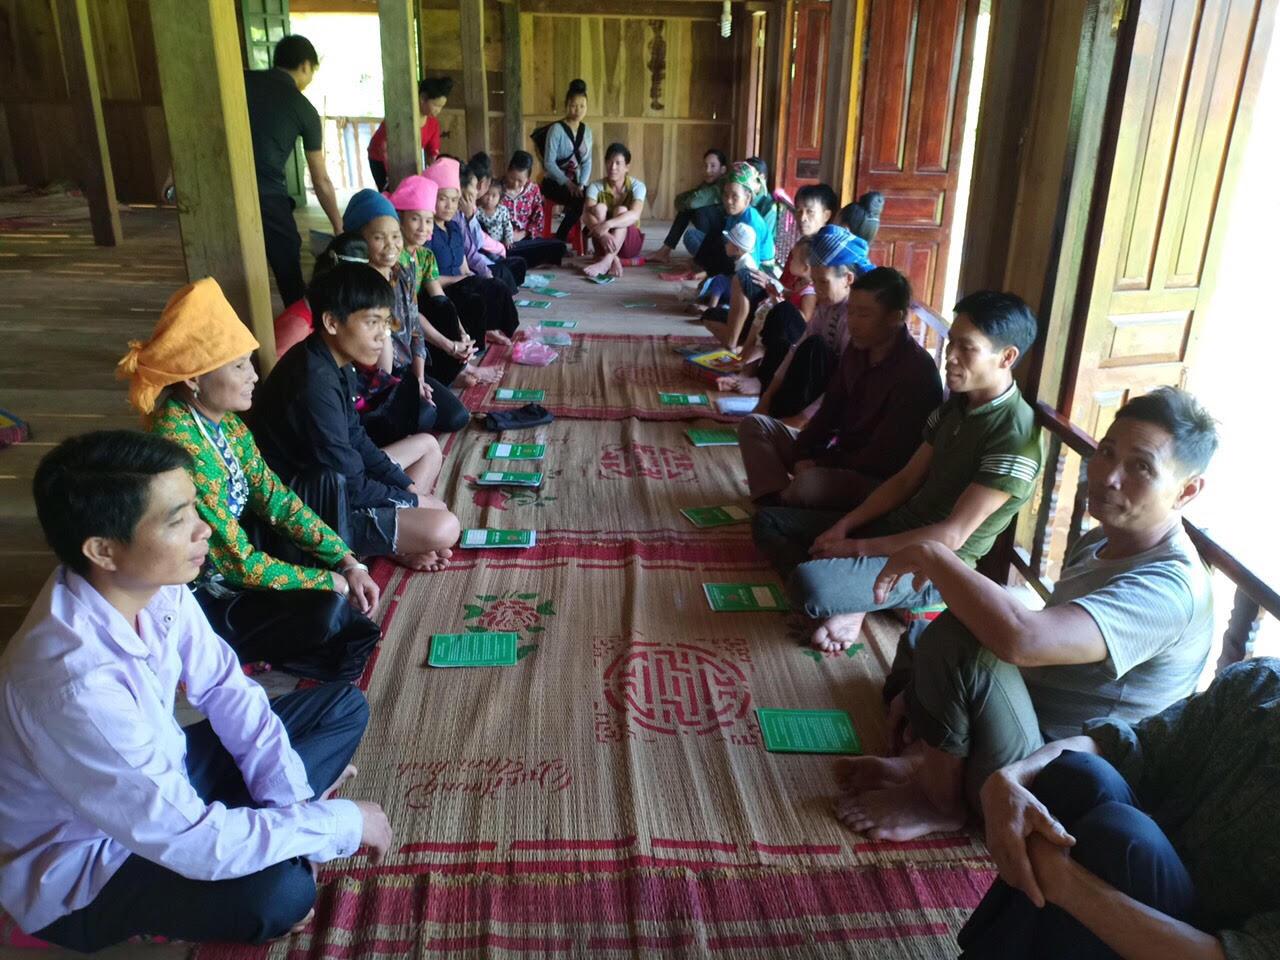 Cán bộ phòng giao dịch nhcsxh thị xã nghĩa lộ họp tổ vay vốn tại xã Nghĩa An.